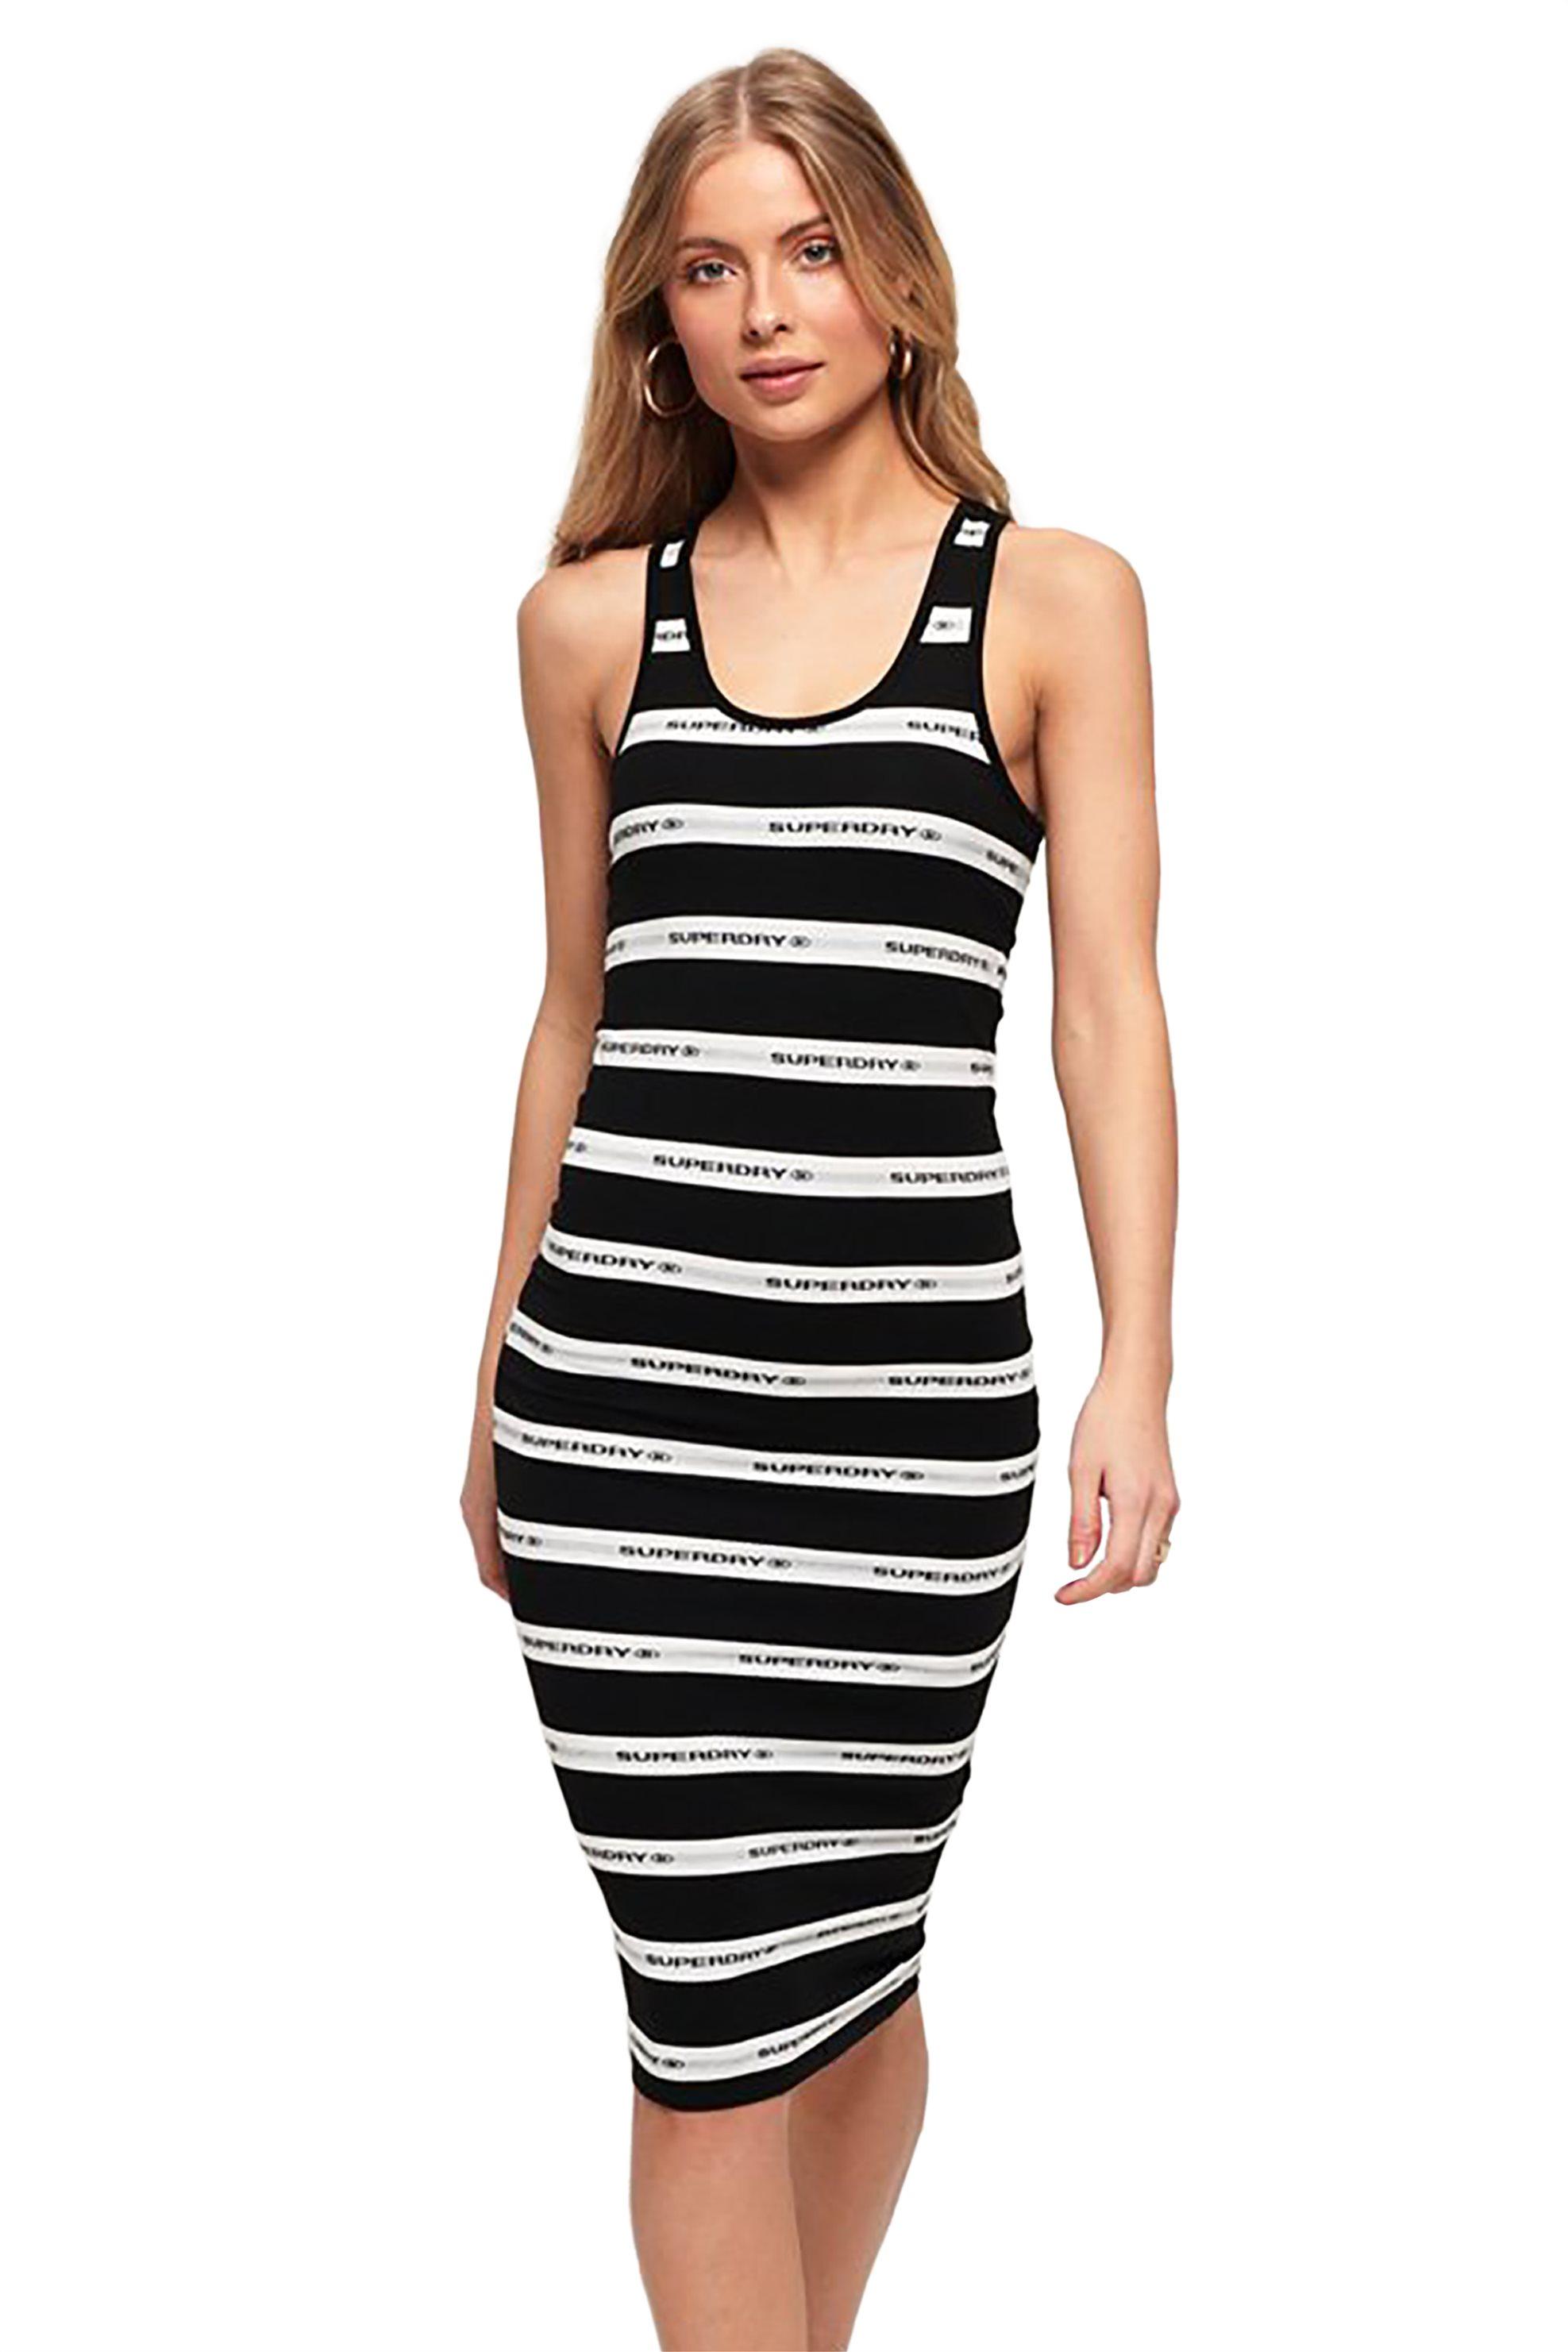 Superdry γυναικείο ριγέ μίντι φόρεμα Mila - G80113MT - Μαύρο γυναικα   ρουχα   φορέματα   midi φορέματα